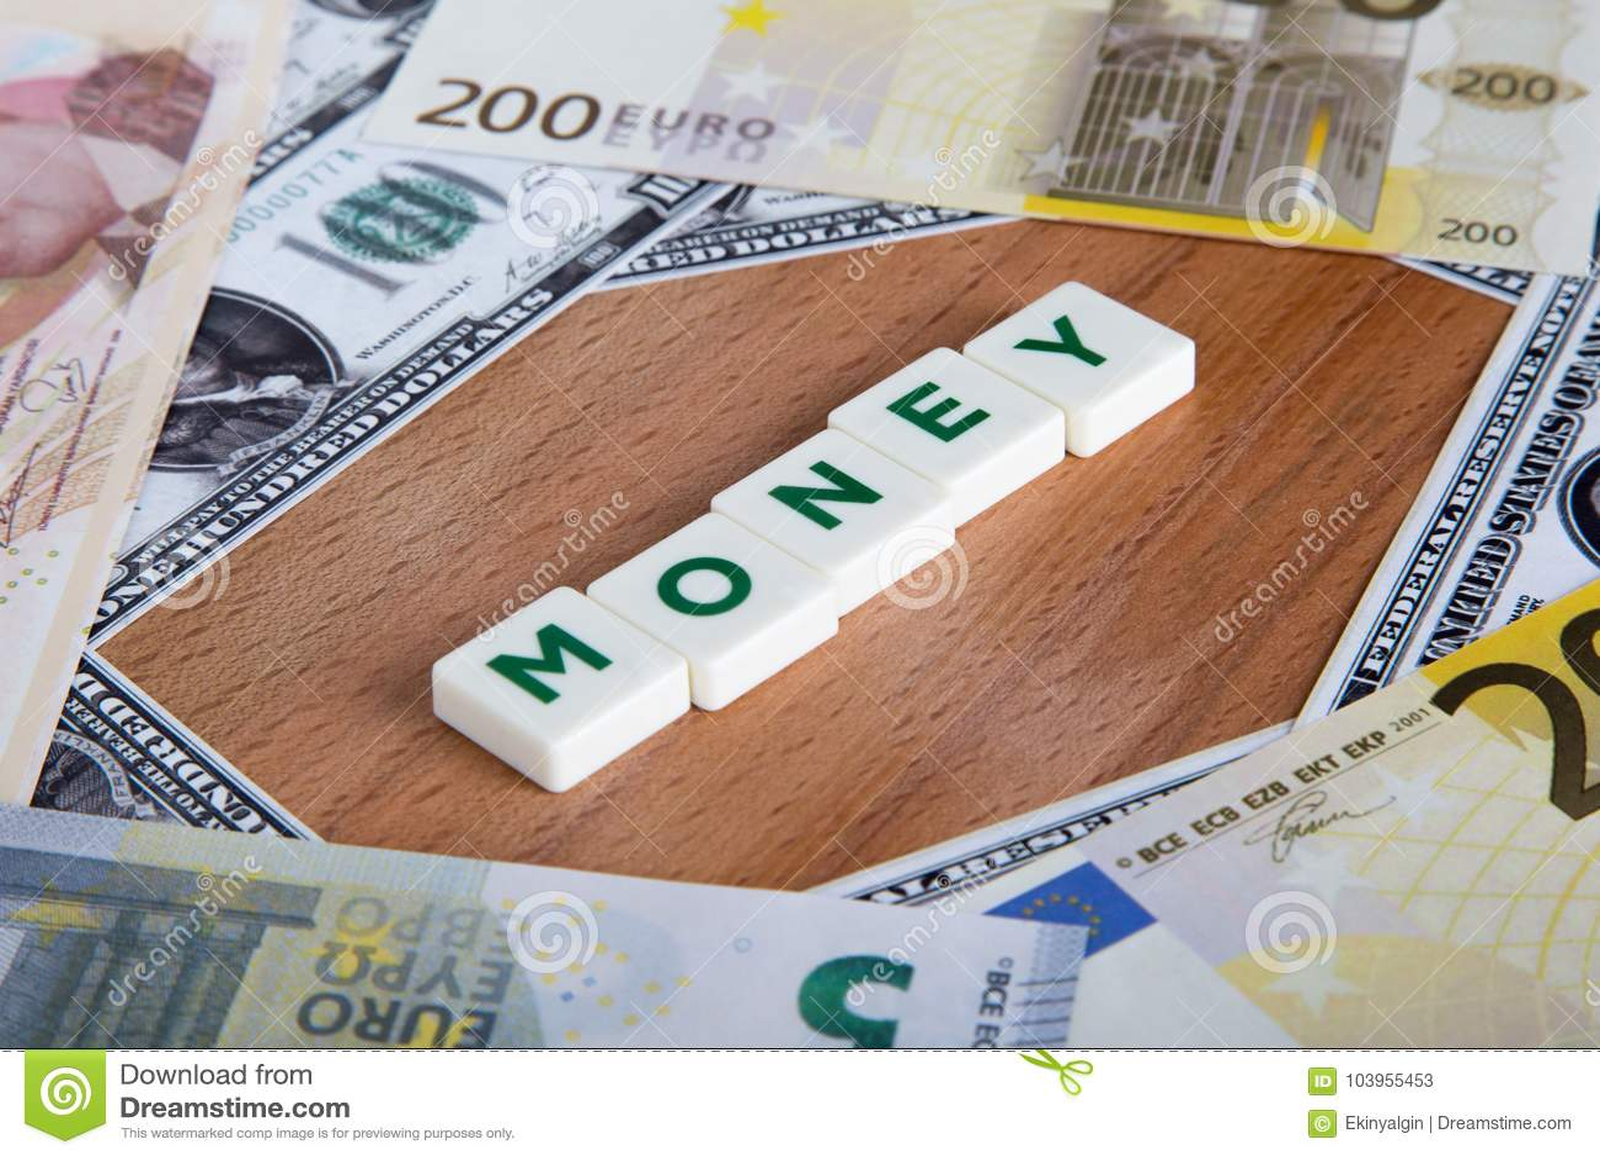 200 euro in lira